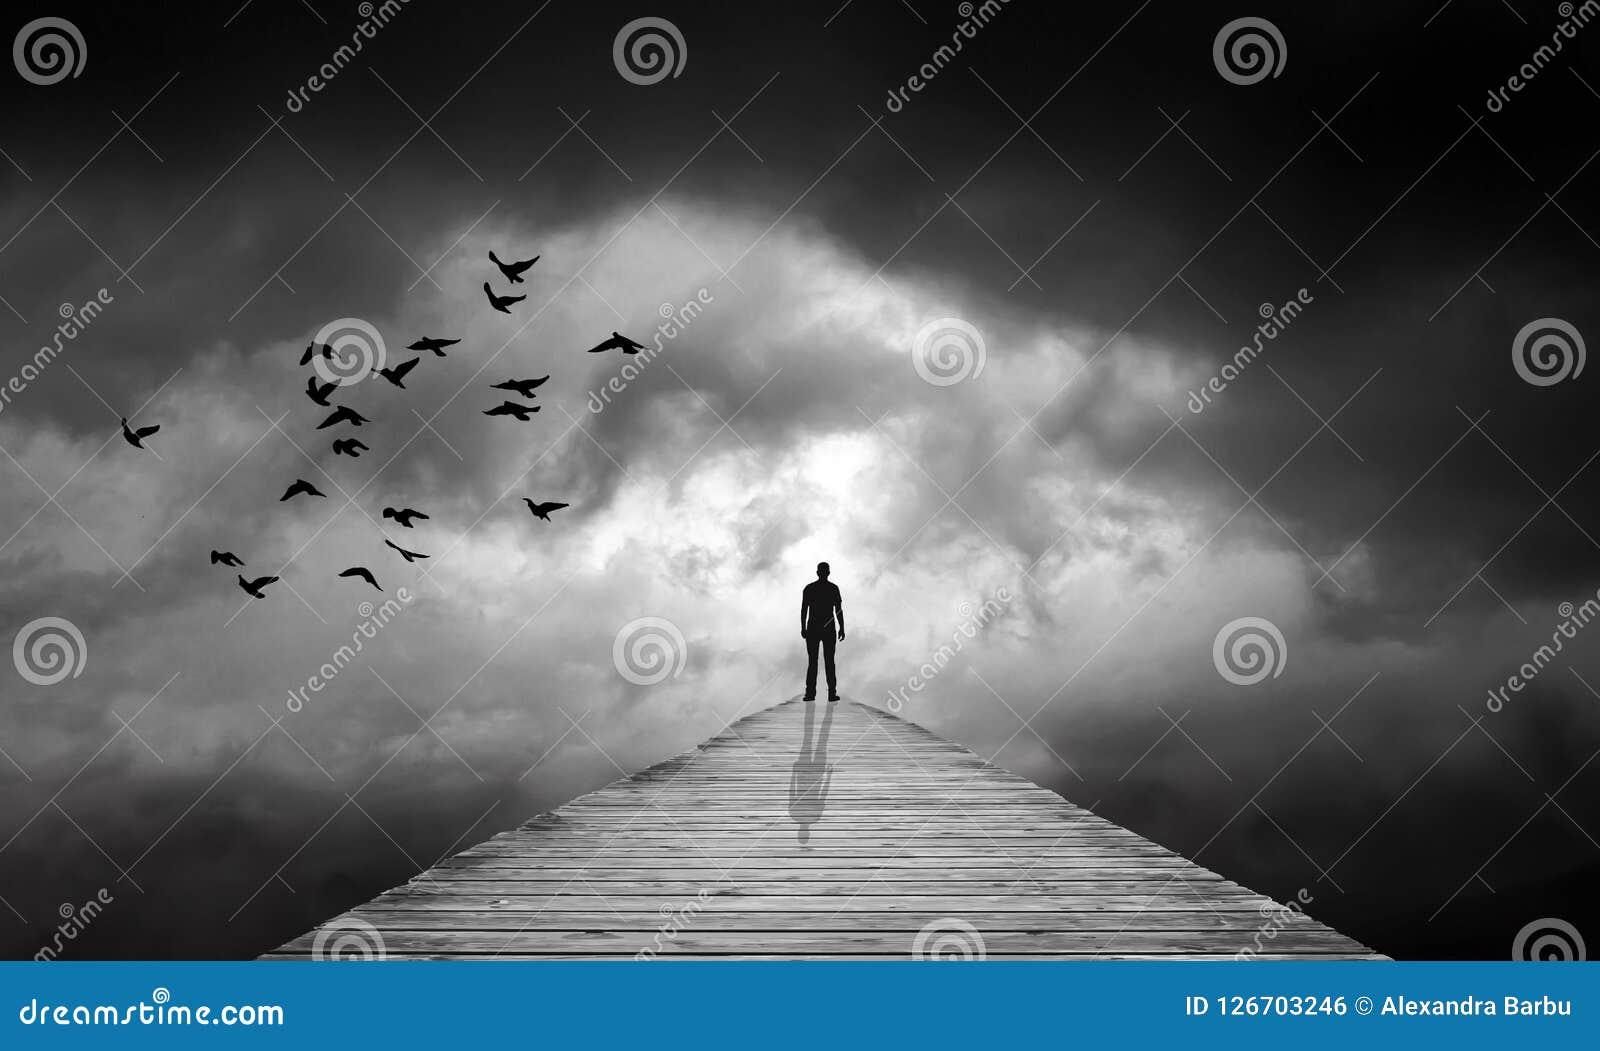 Темные облака, путь к неизвестному, судьбе, потеряли, второе рождение